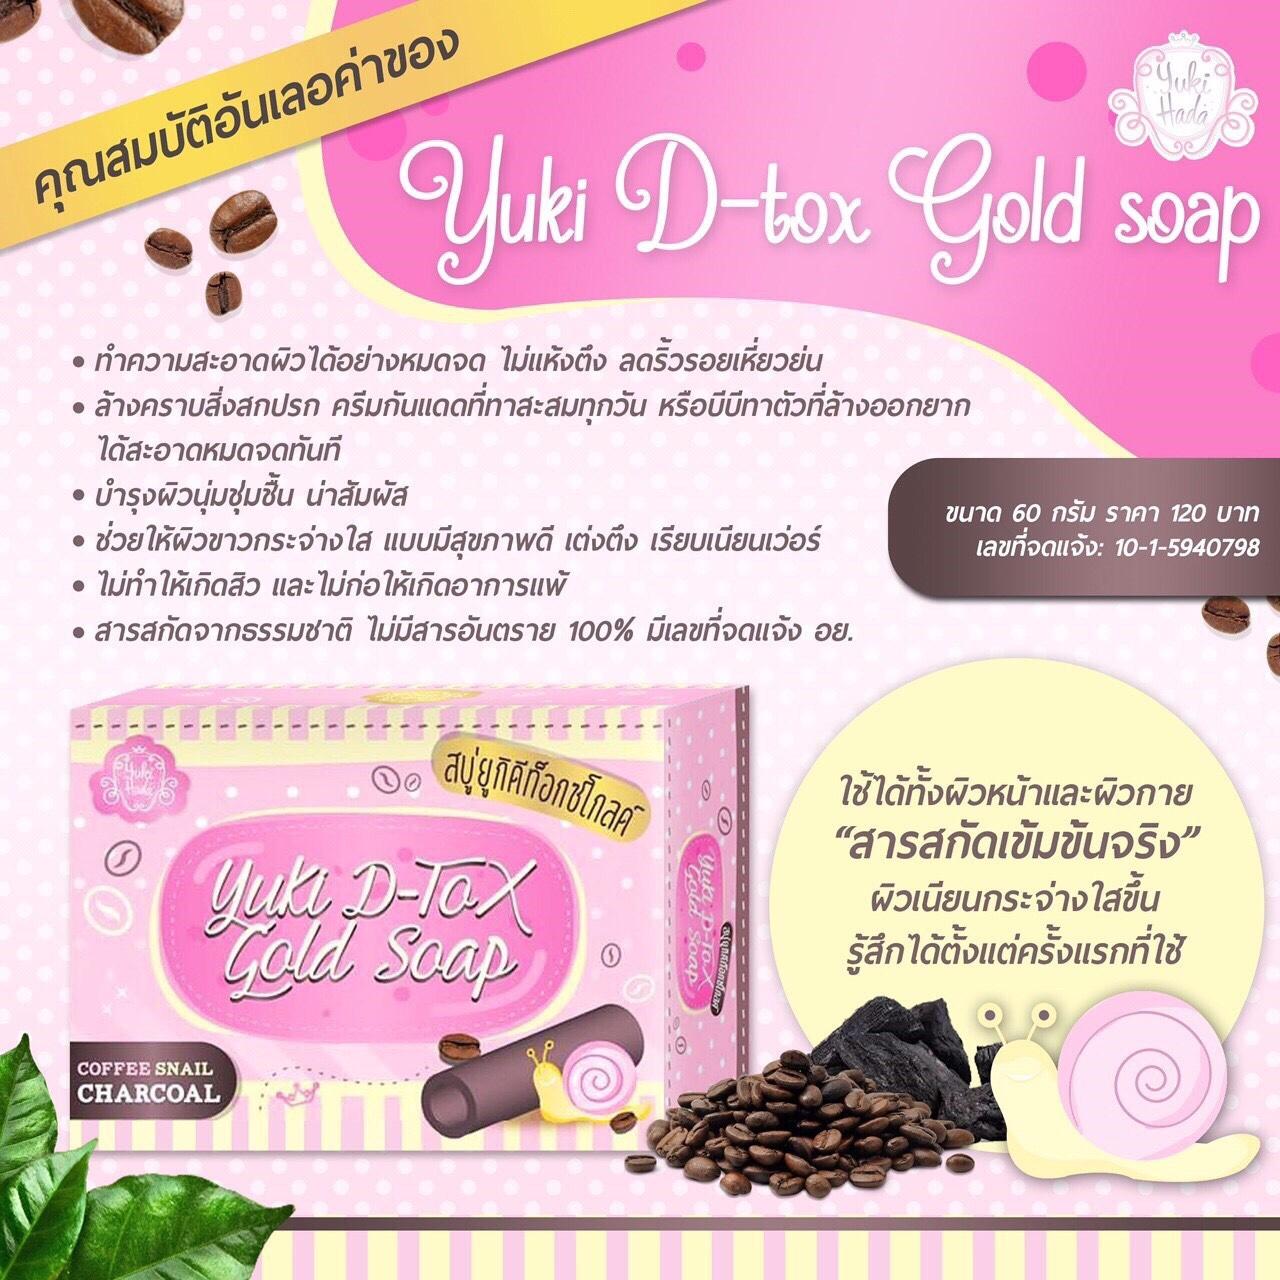 สบู่ยูกิดีท็อกซ์โกลค์ Yuki D-tox Gold Soap 60 กรัม ยูกิฮาดะ ขาวใส เด้ง เด็ก